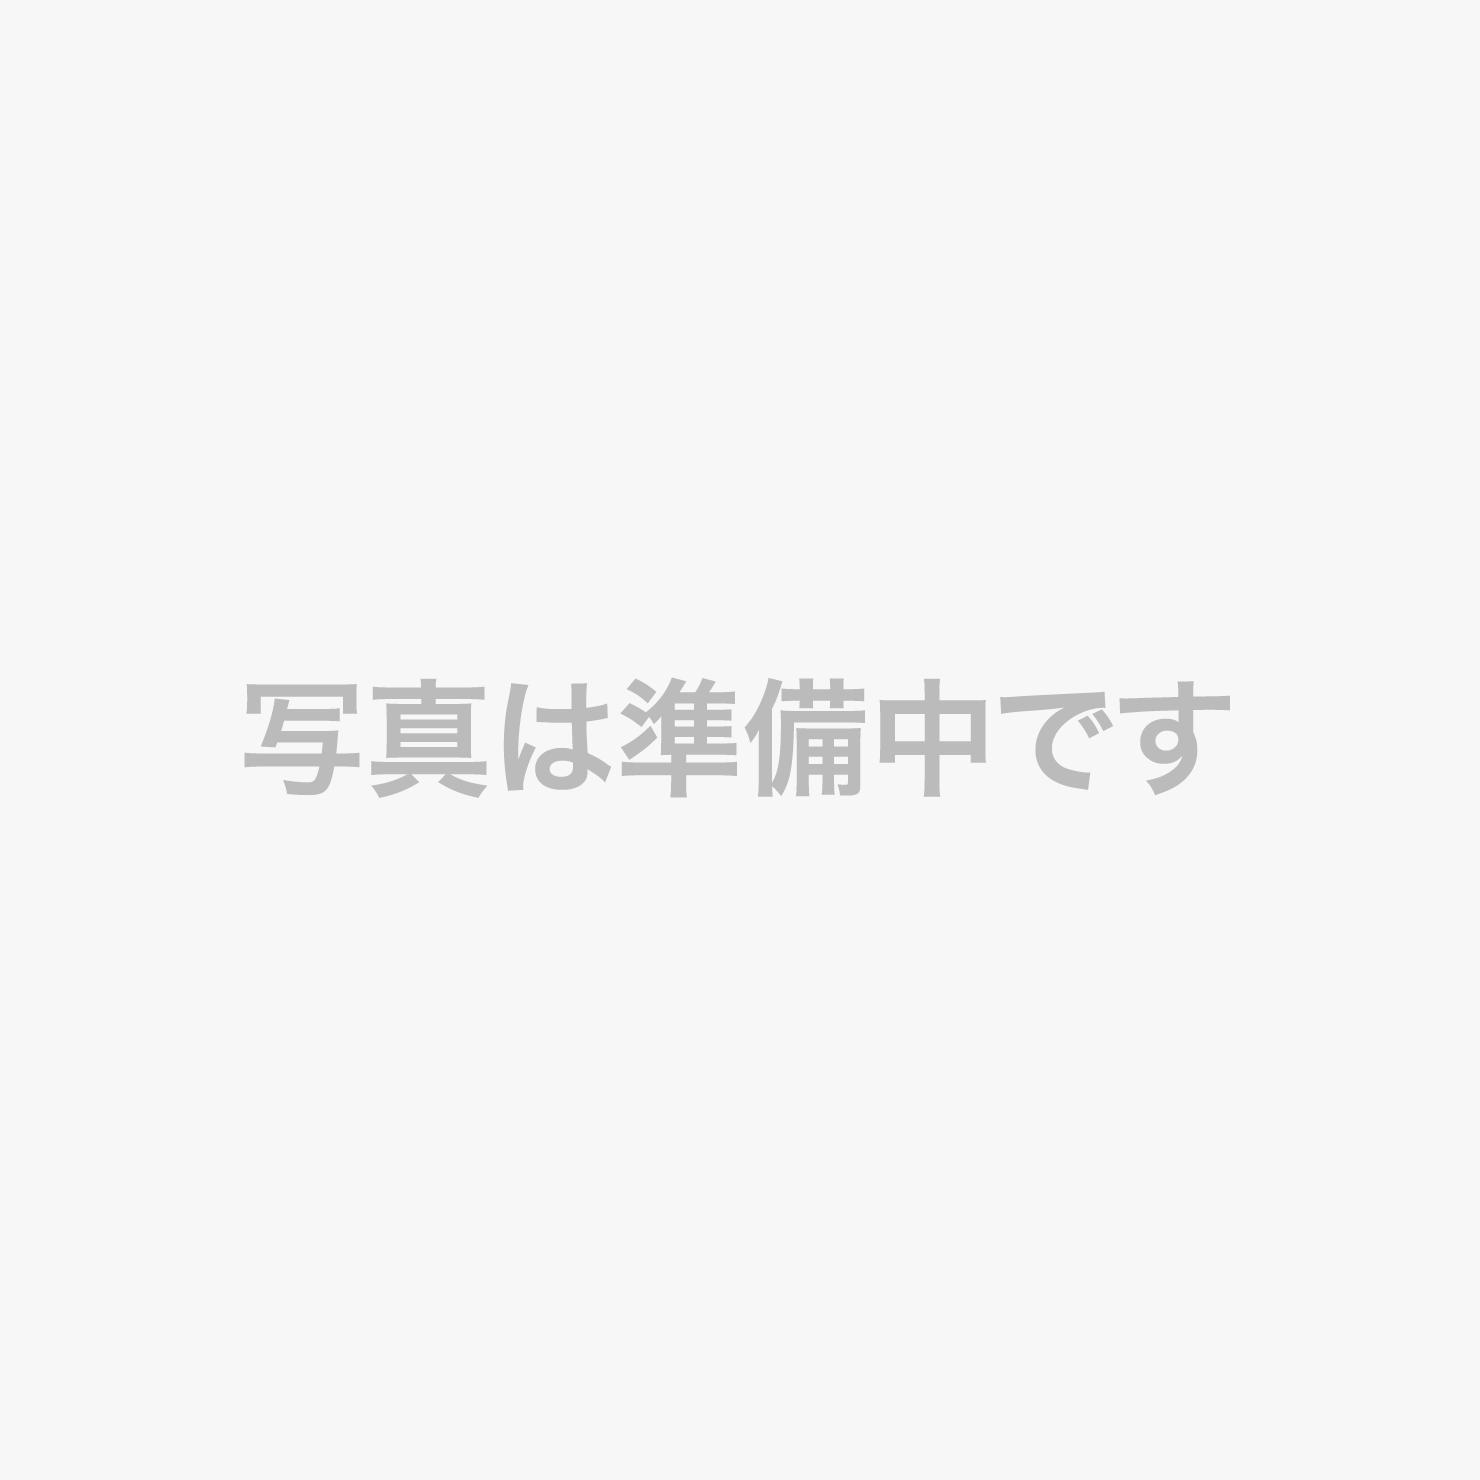 西洋館ヒストリックスイート(イメージ)